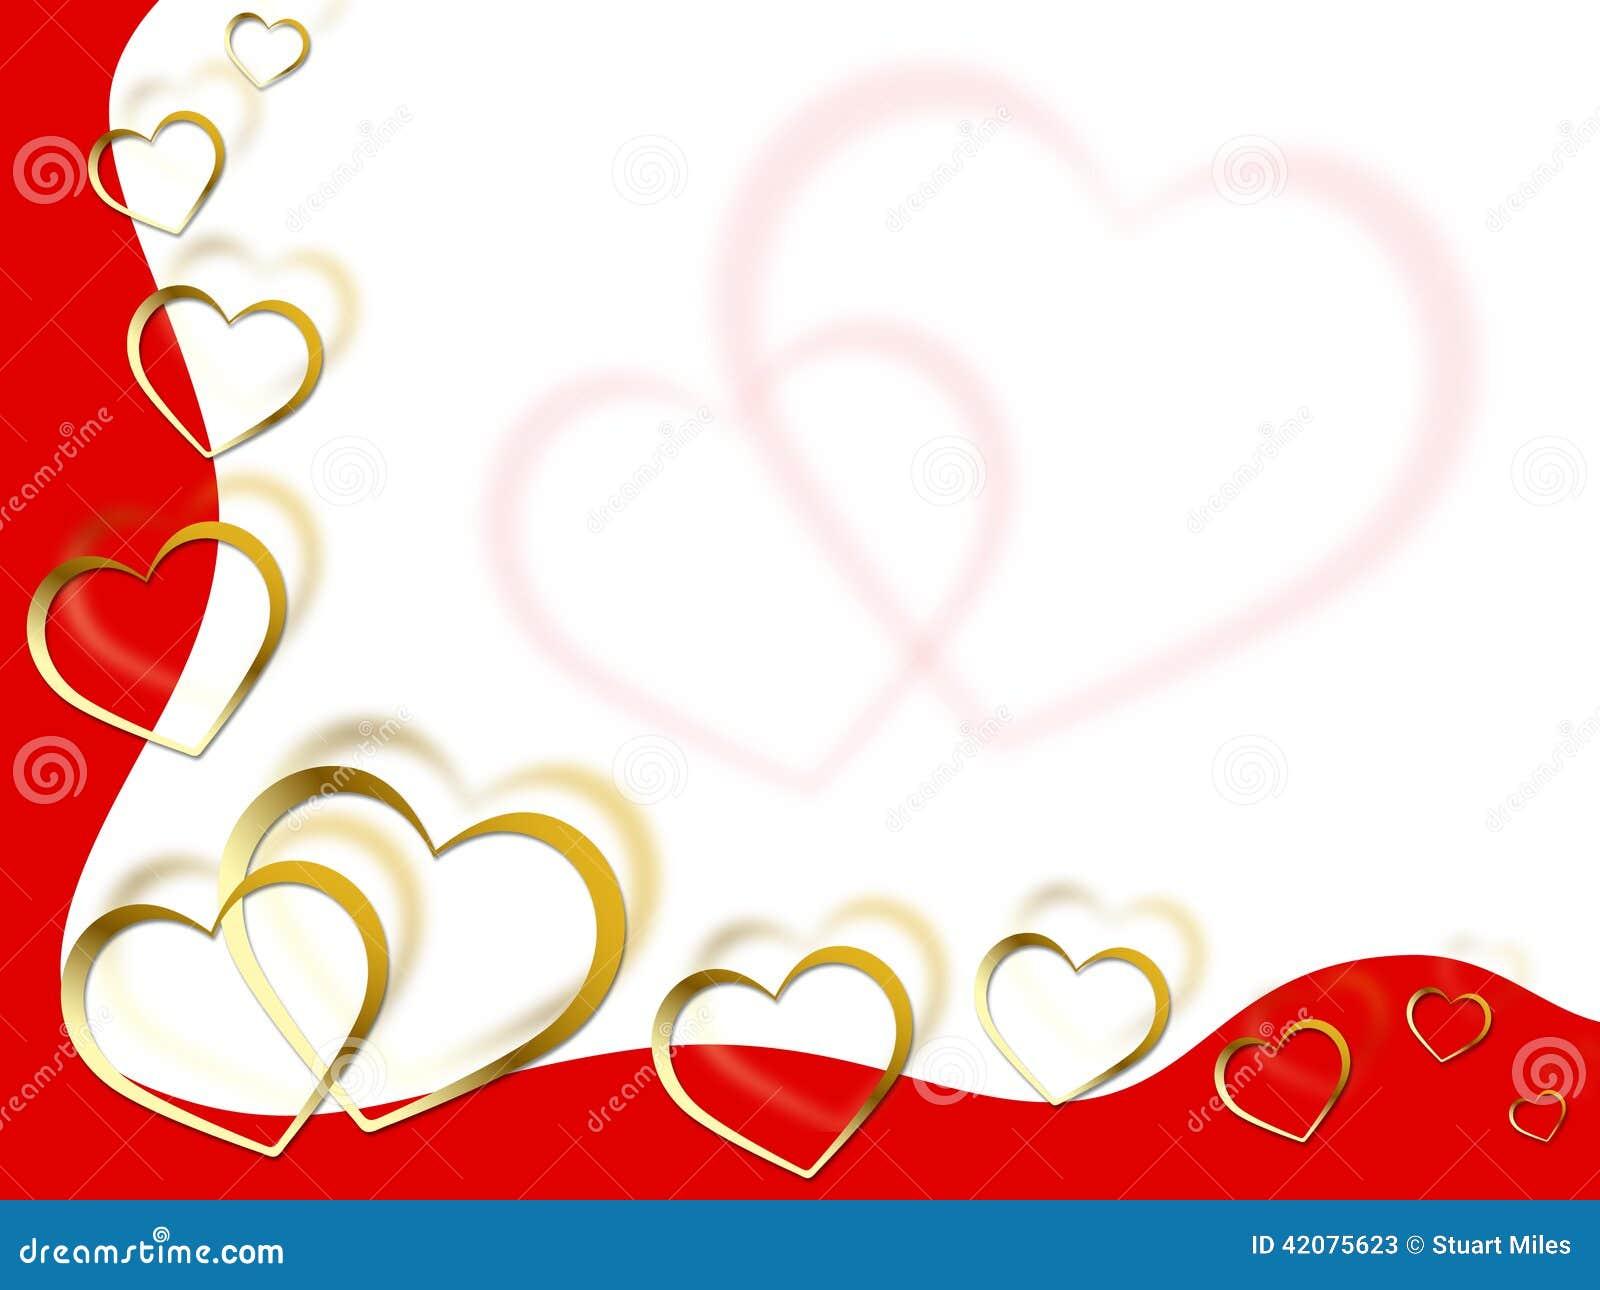 El Fondo De Los Corazones Significa Romance Y Rojo Del Socio De Las